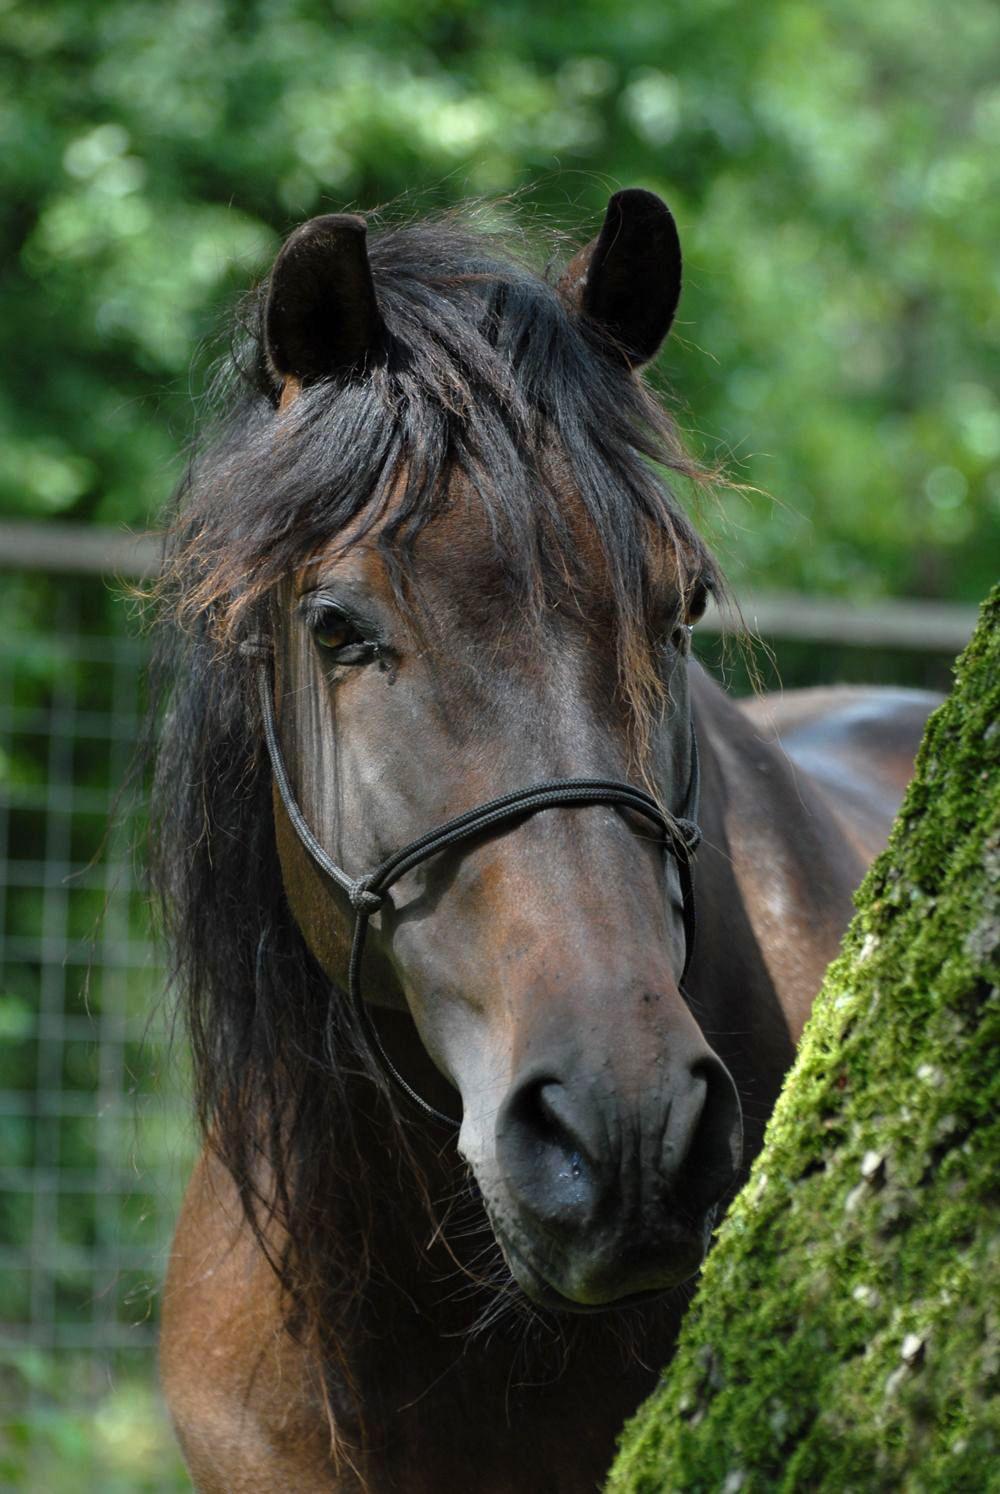 Esplendido één van de paarden waar mee gecoacht wordt   Samen paardencoaching   Heelsum